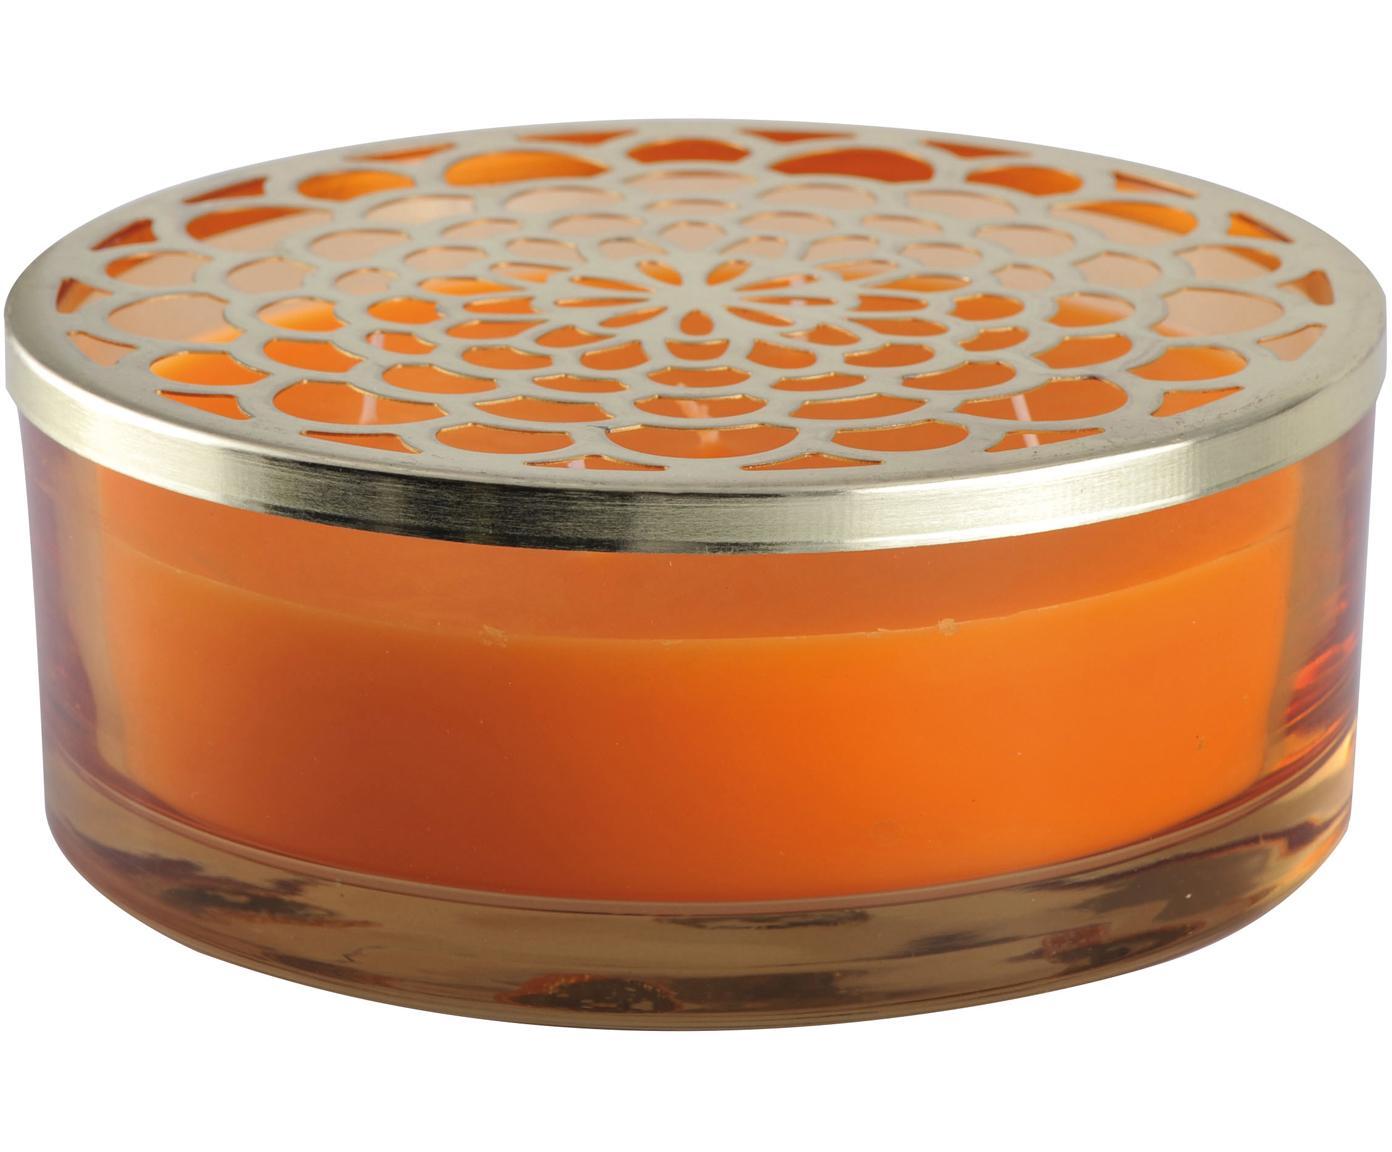 Geurkaars Narana (oranje), Houder: glas, Deksel: metaal, Goudkleurig, oranje, Ø 20 x H 8 cm